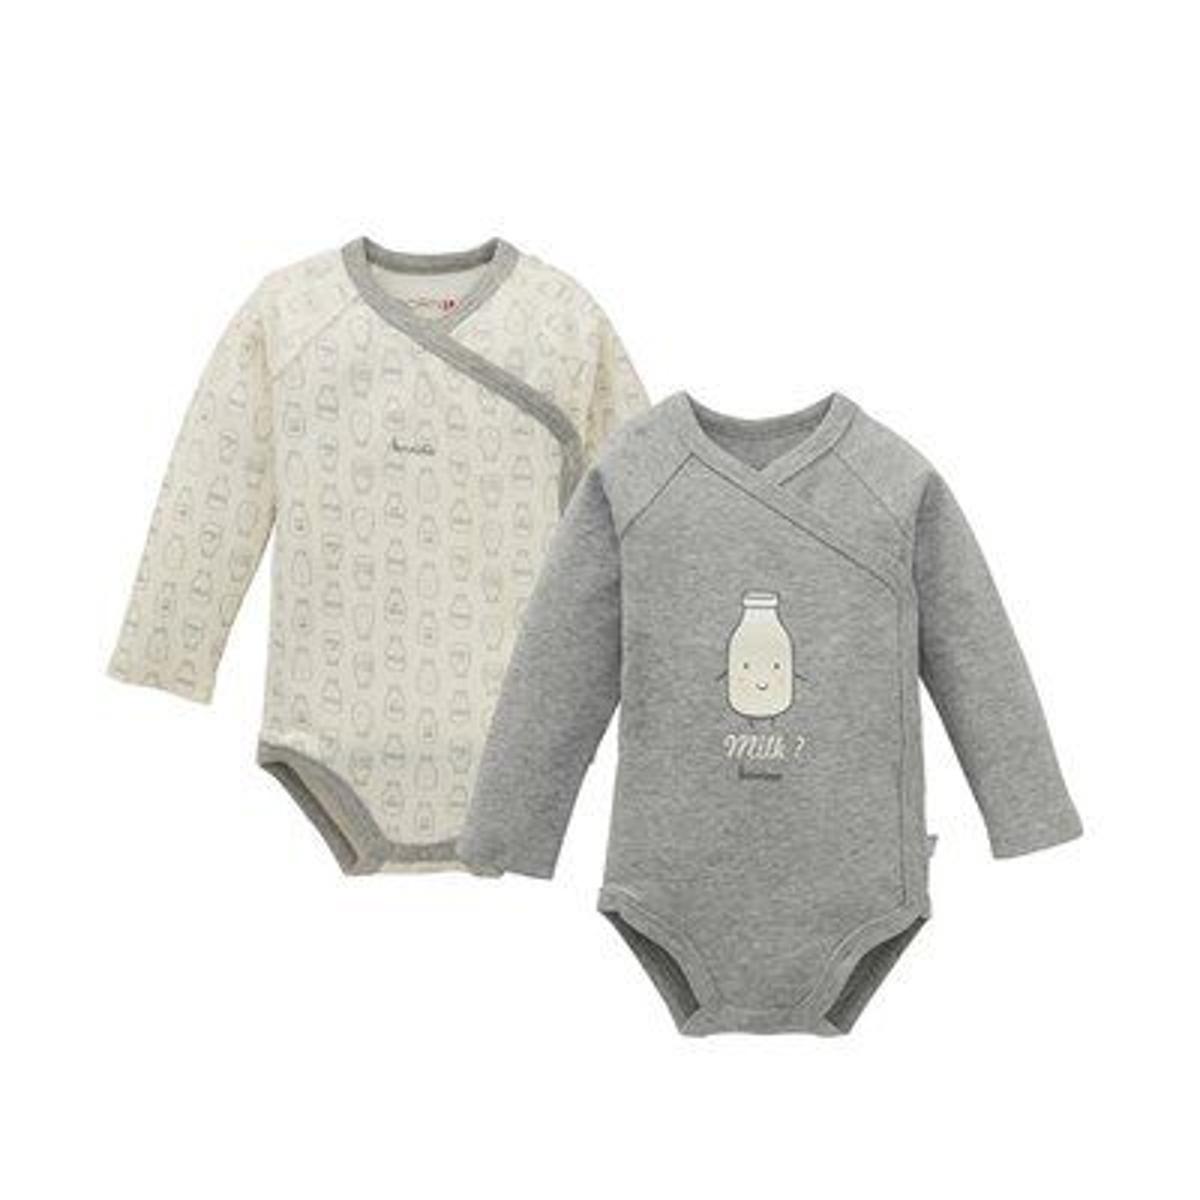 Bornino Lot de 2 bodys portefeuille à manches longues bébé